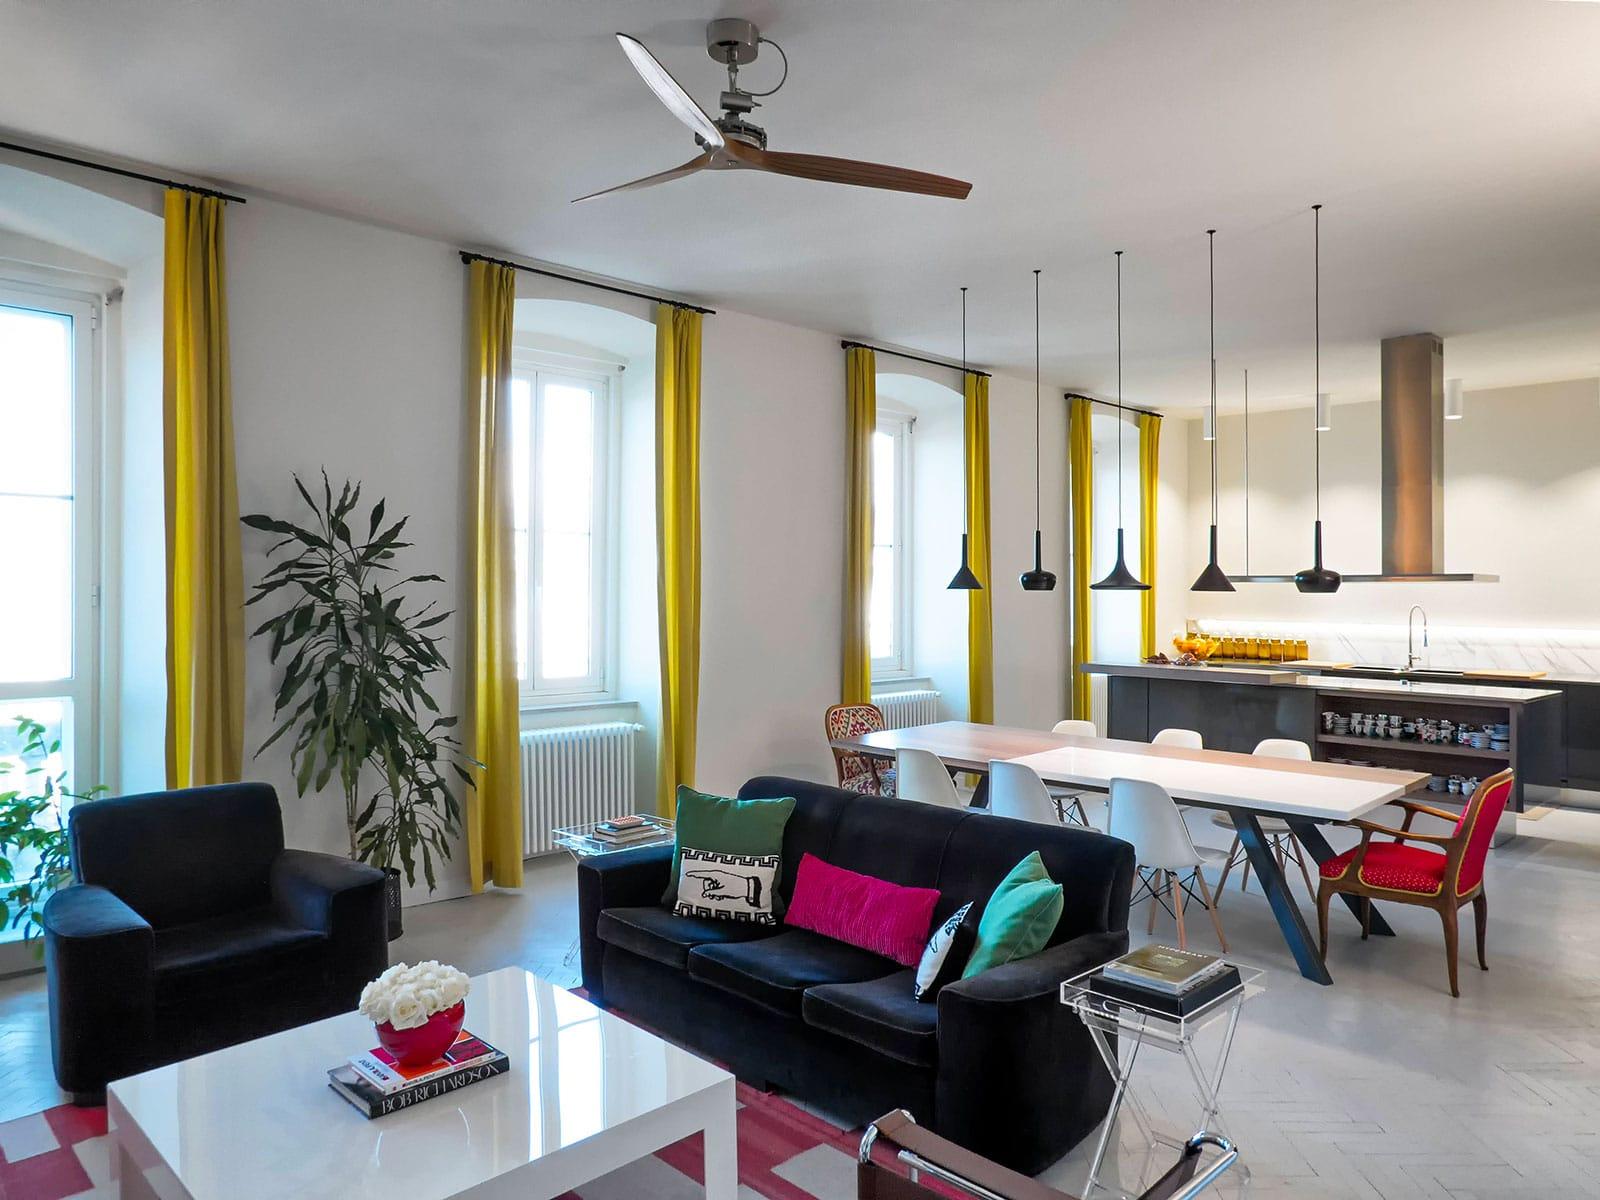 costruzione edifici, commerciali, residenziali e industriali. Ad-Gulf, Trieste